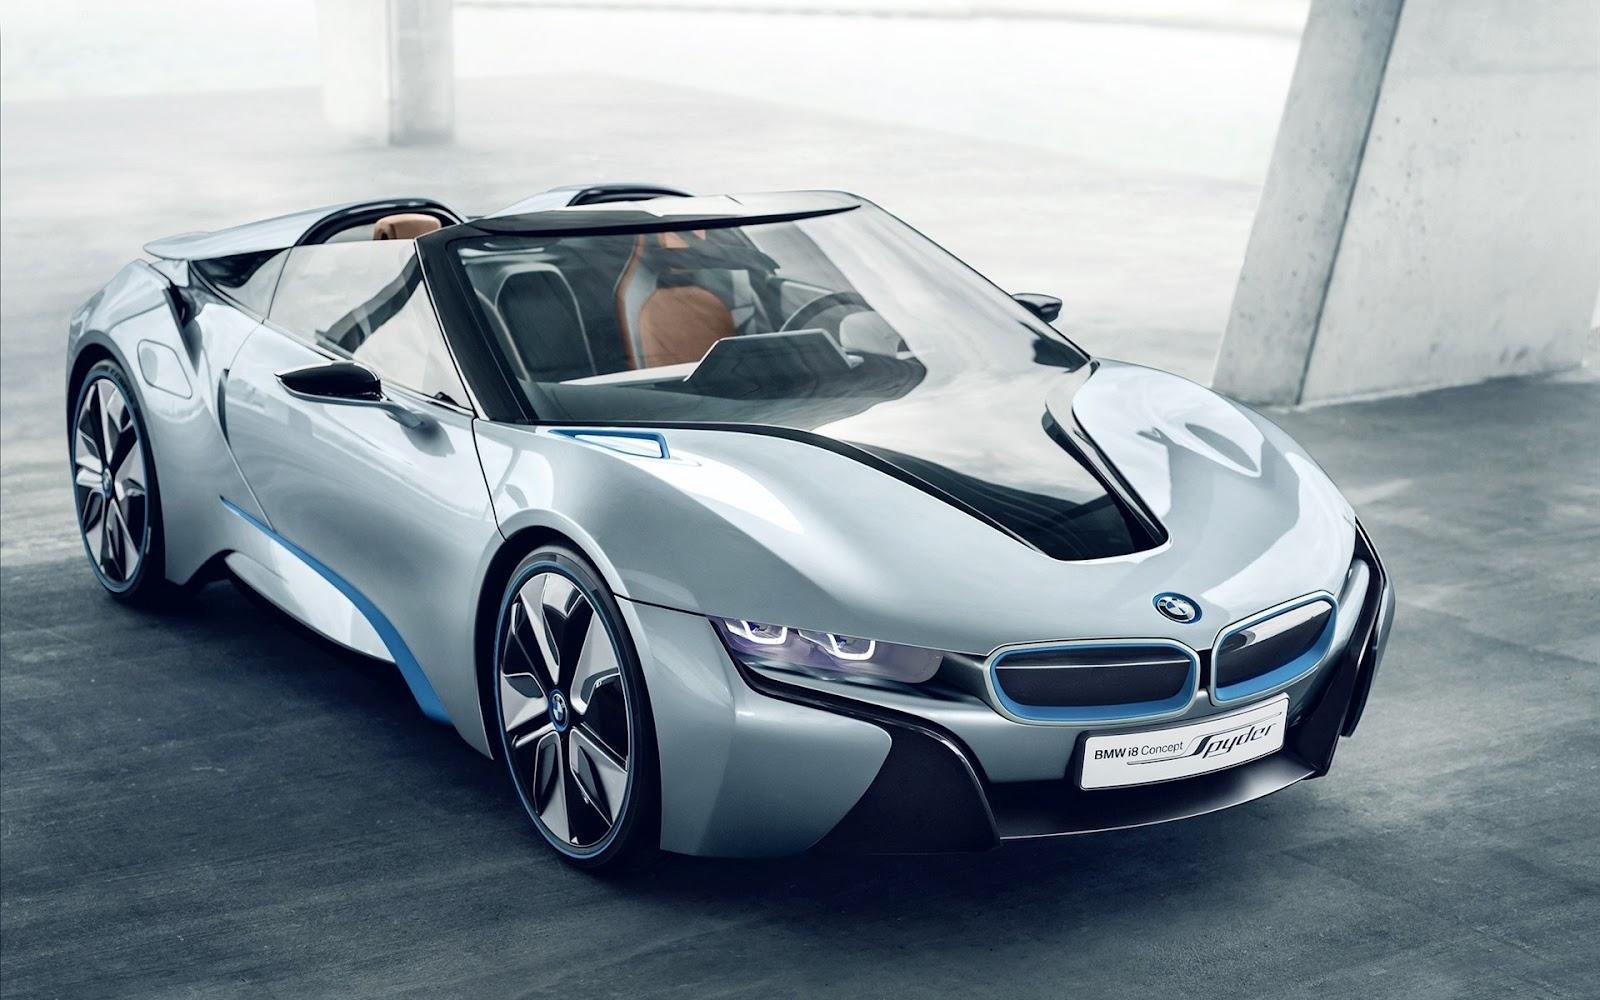 http://2.bp.blogspot.com/-6HsRnbovemU/UEqVRyag02I/AAAAAAAAkyk/mWlLw50AJz4/s1600/BMW-i8-Spyder-Concept+Car.jpg